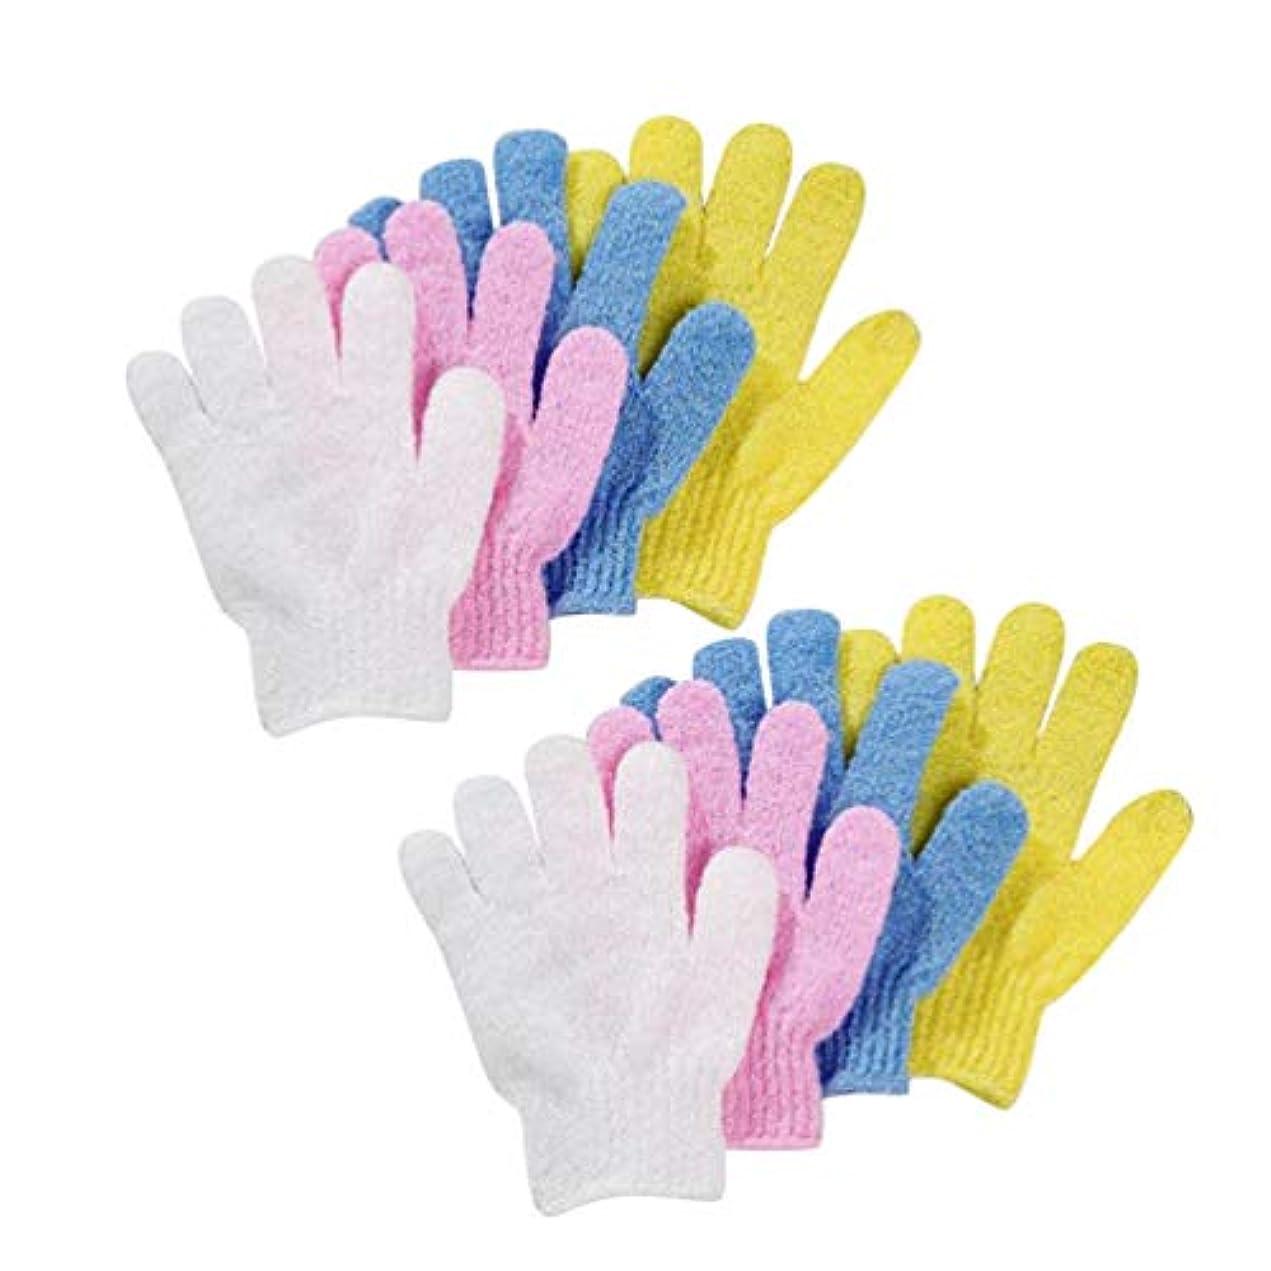 損なうフォーマル化学者Frcolor 浴用手袋 お風呂手袋 五本指 泡立ち 角質取り シャワーバスグローブ ナイロン 垢すり手袋 バス用品 4ペア 8枚セット(ホワイト)